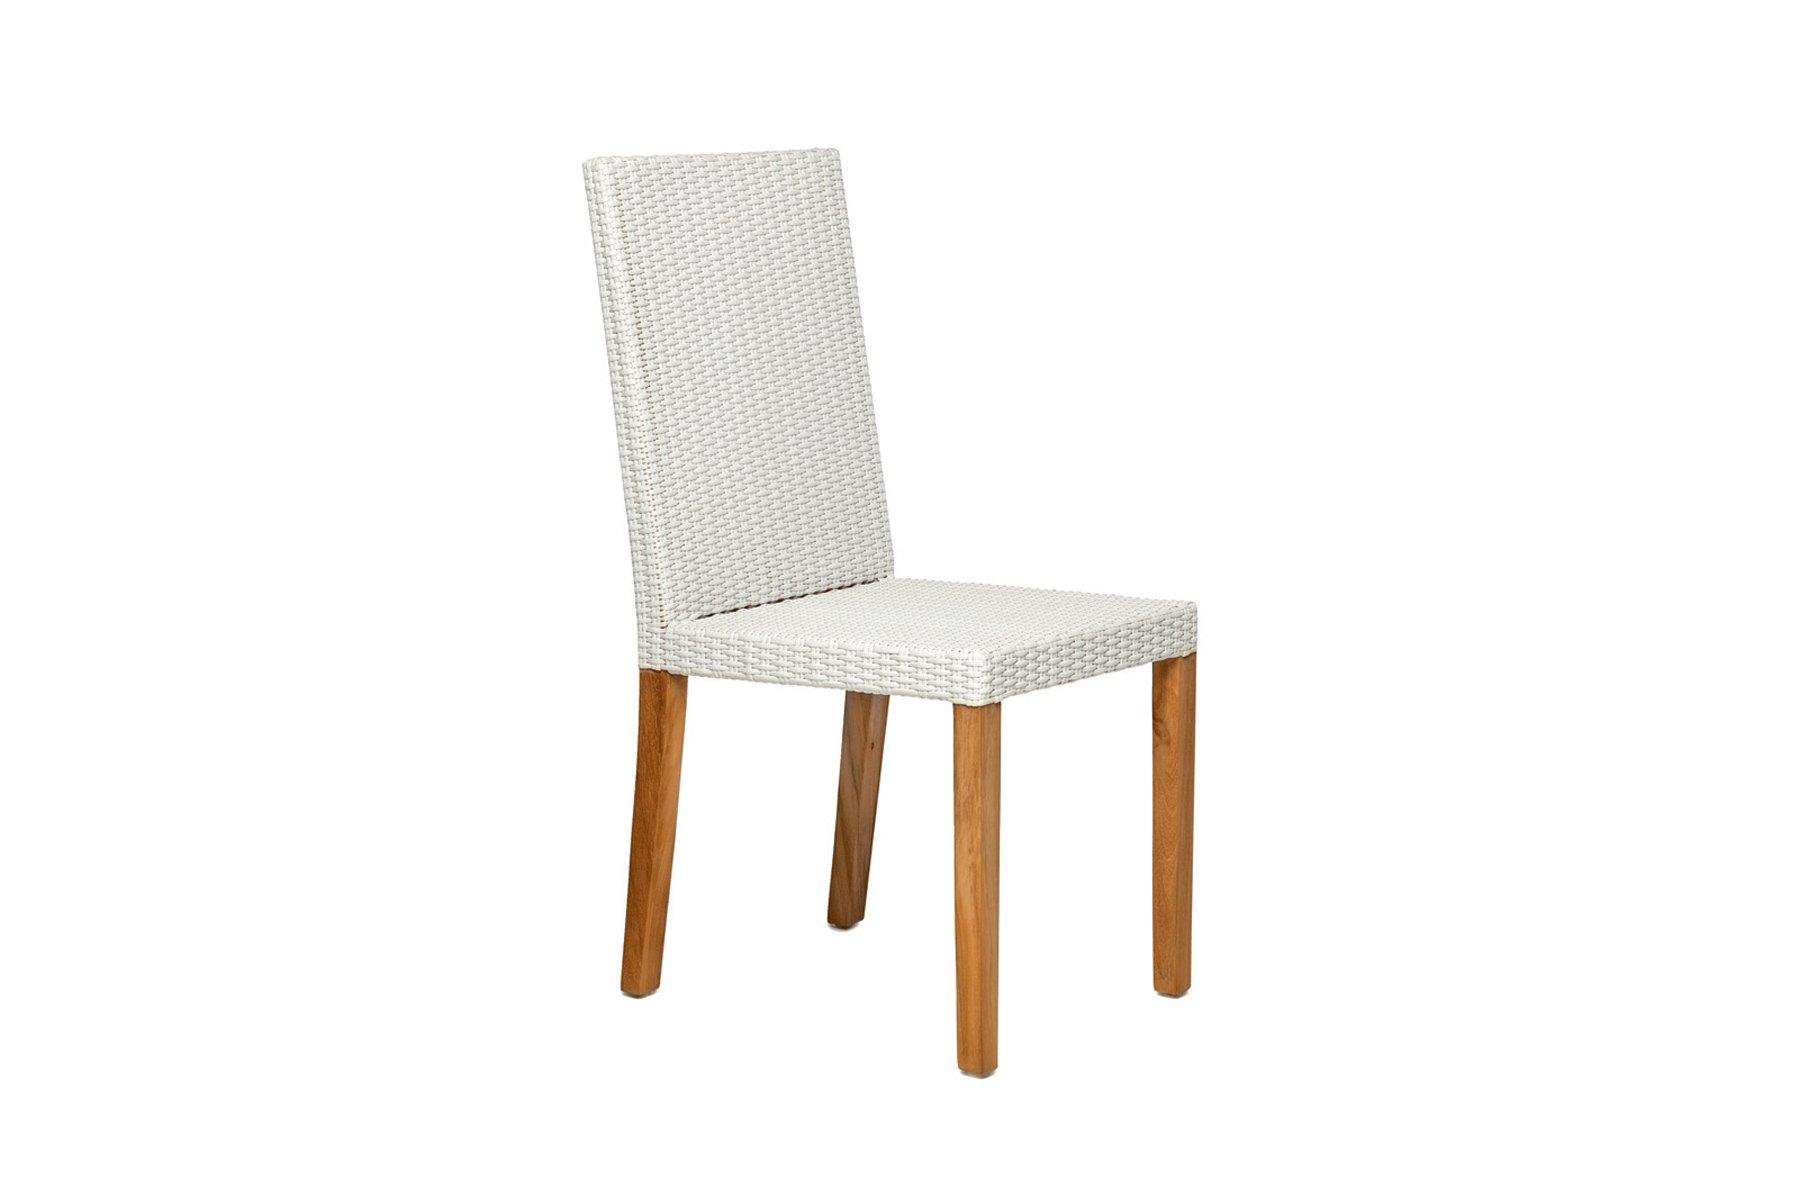 Visualizza dettagli: Sedia con schienale alto - Il Giardino di Legno